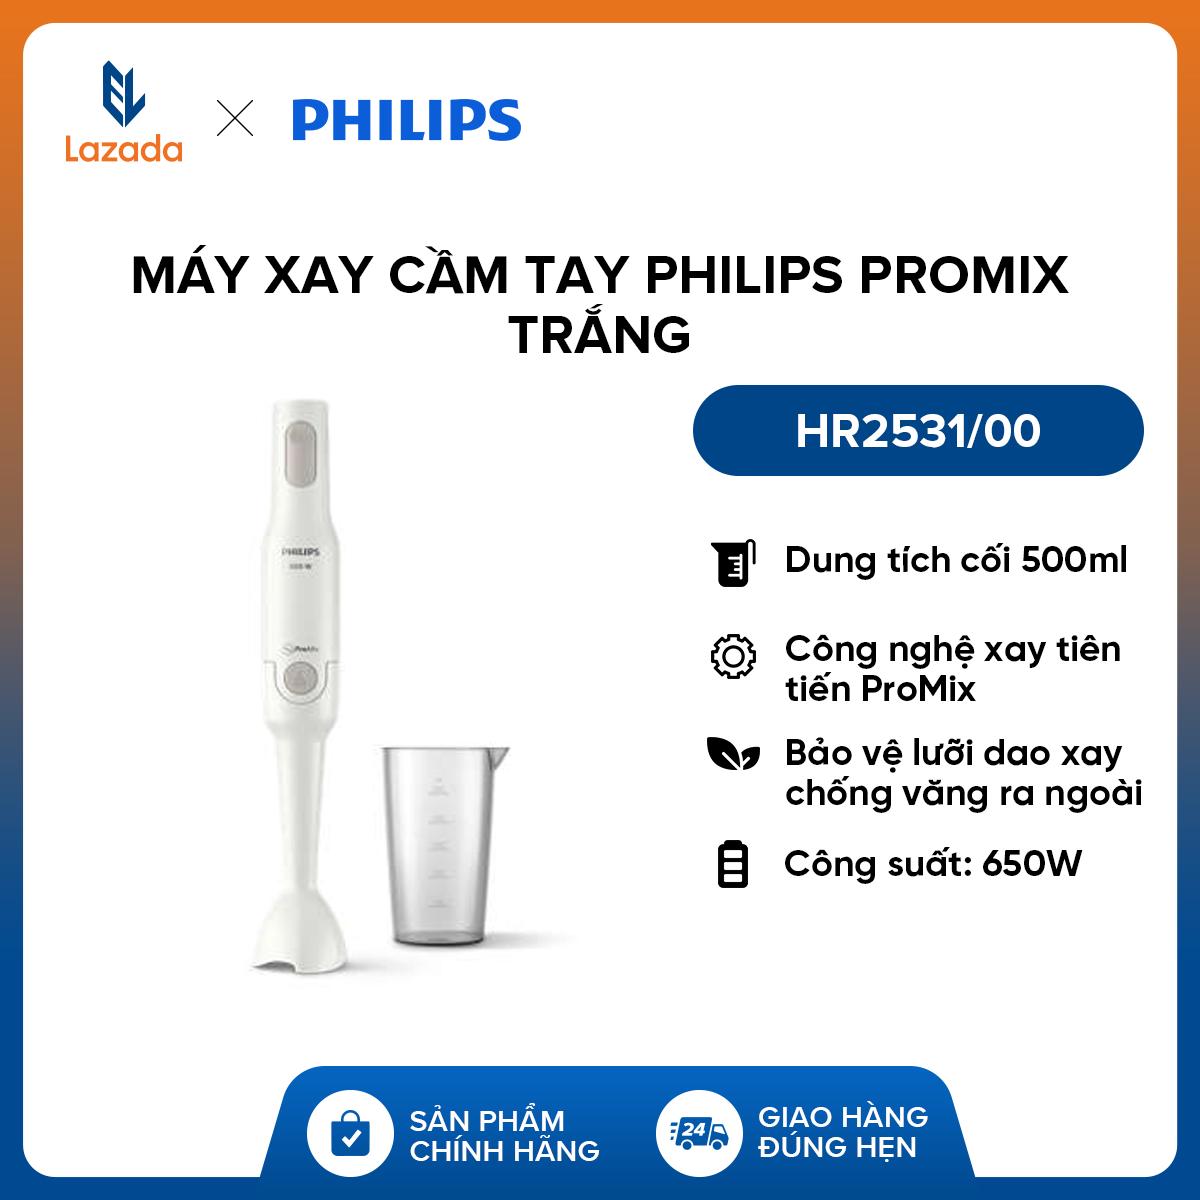 Máy xay sinh tố cầm tay Philips ProMix HR2531/00 (Trắng) - Hàng phân phối chính hãng